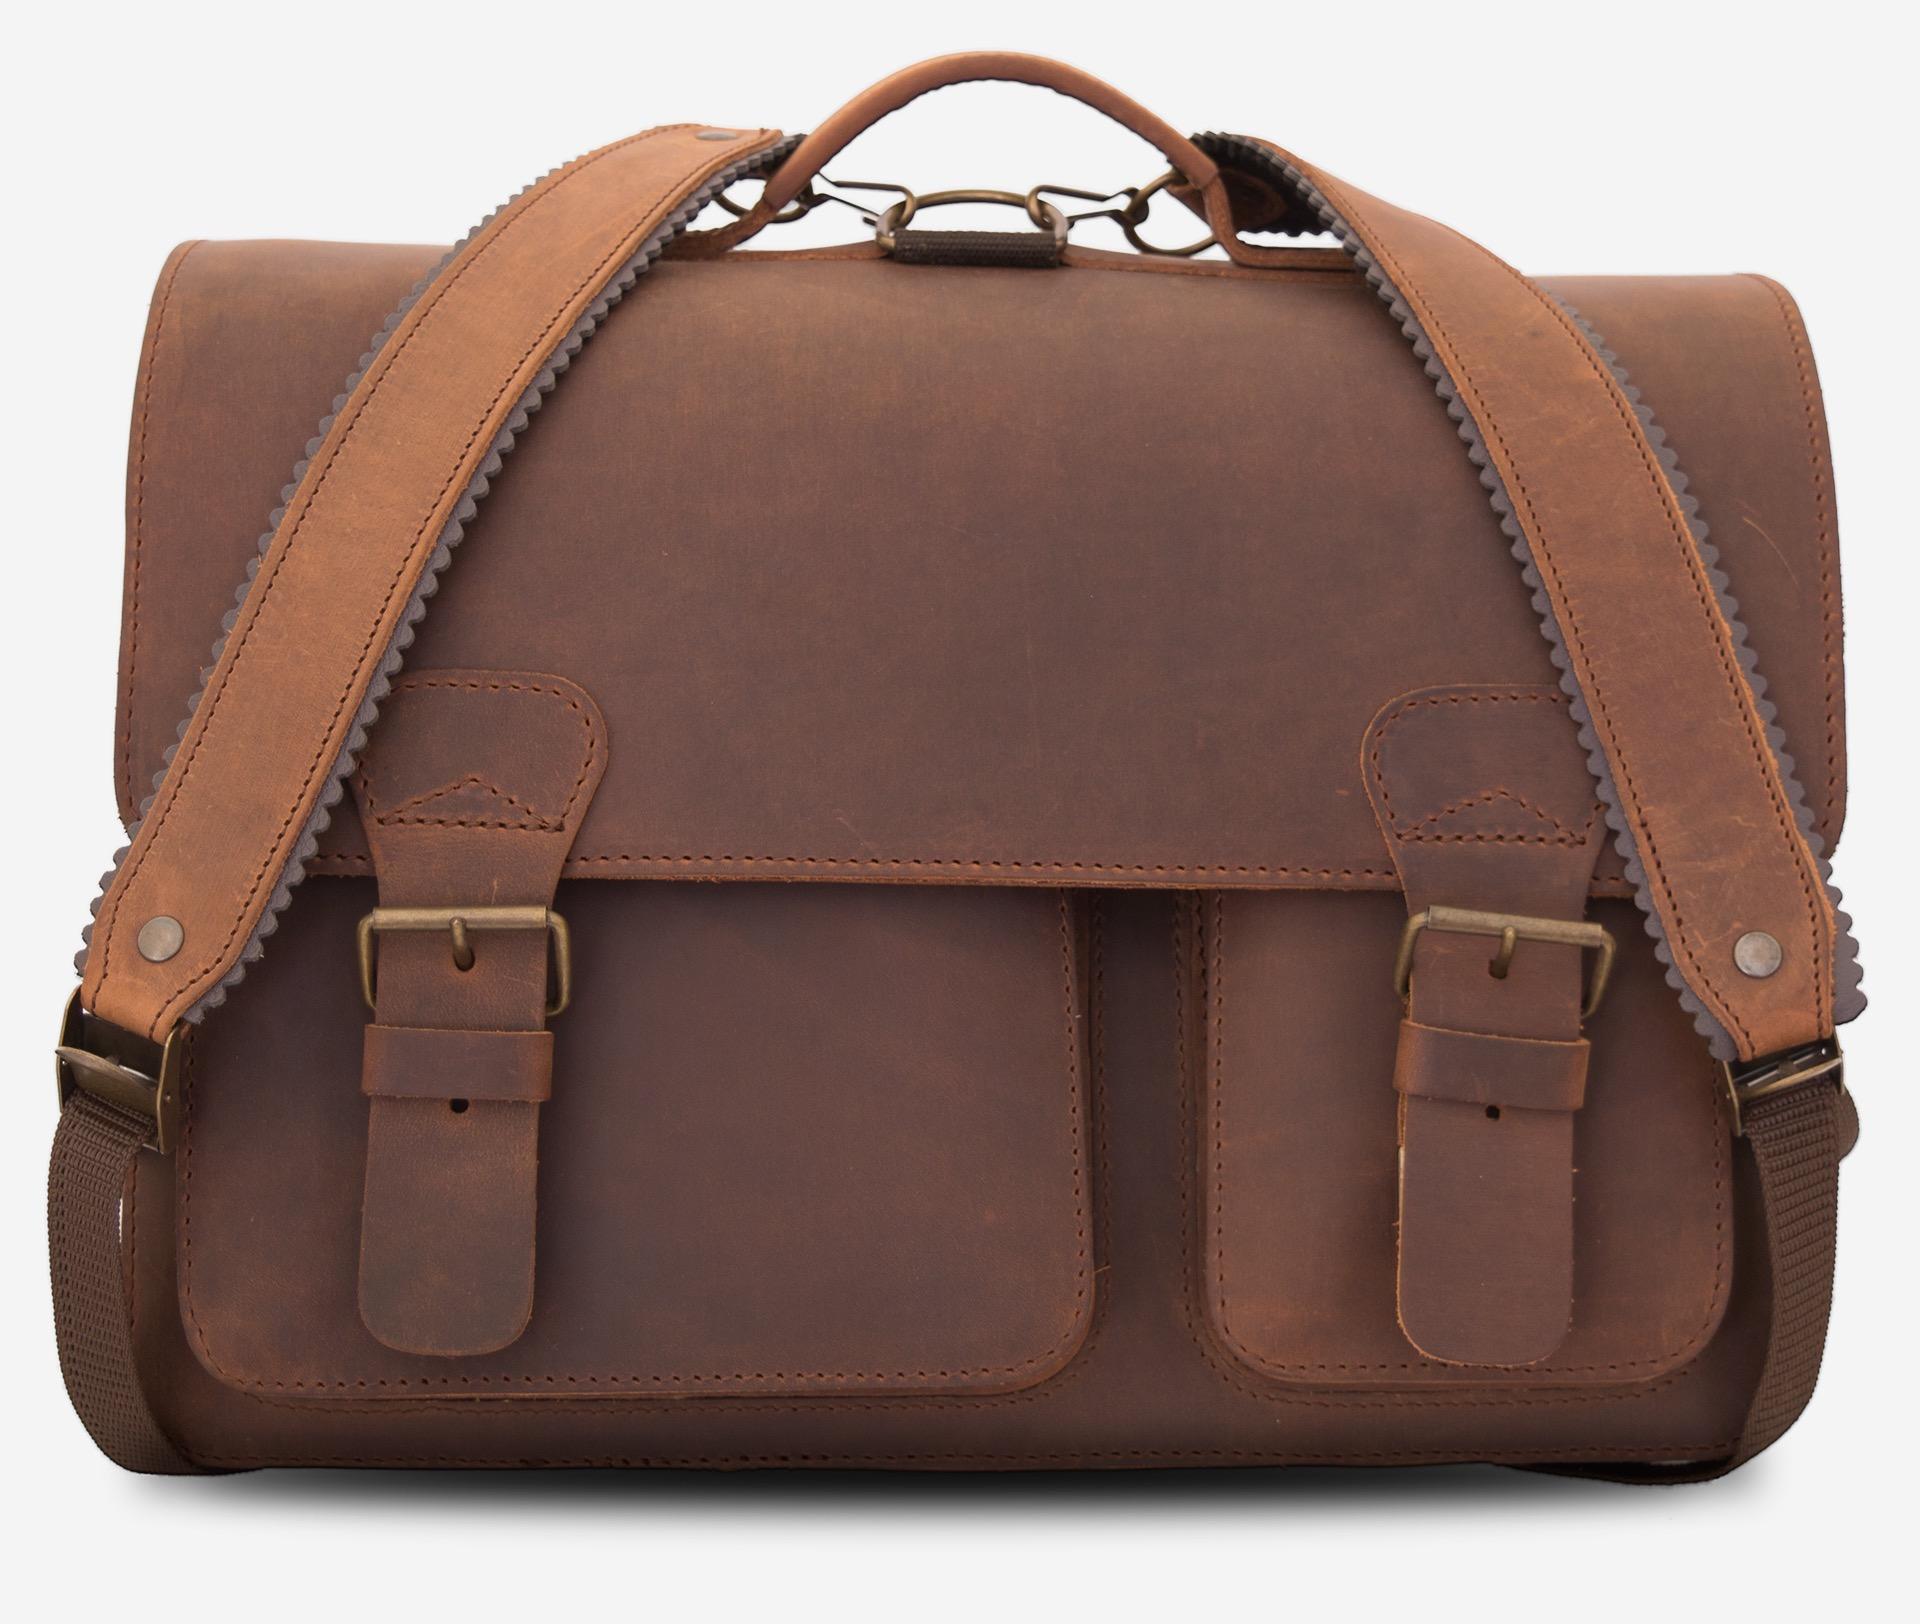 852b512b62d Scholar backpack satchel III – RUITERTASSEN